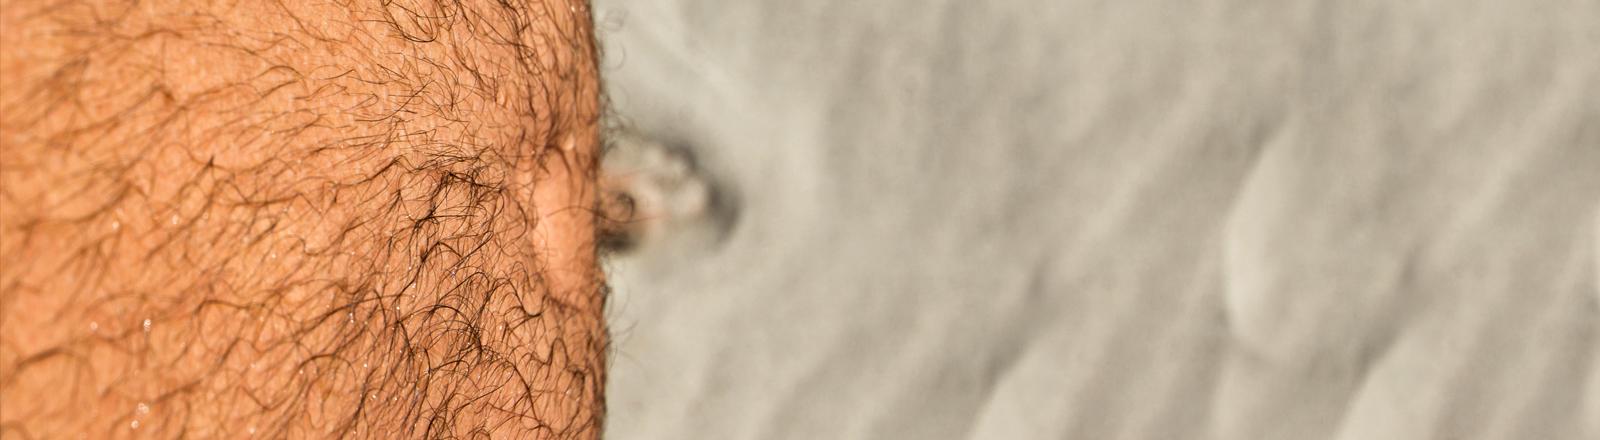 Ein behaarter Männerbauch von oben fotografiert. Im Sand sieht man kaum die Fußspitzen